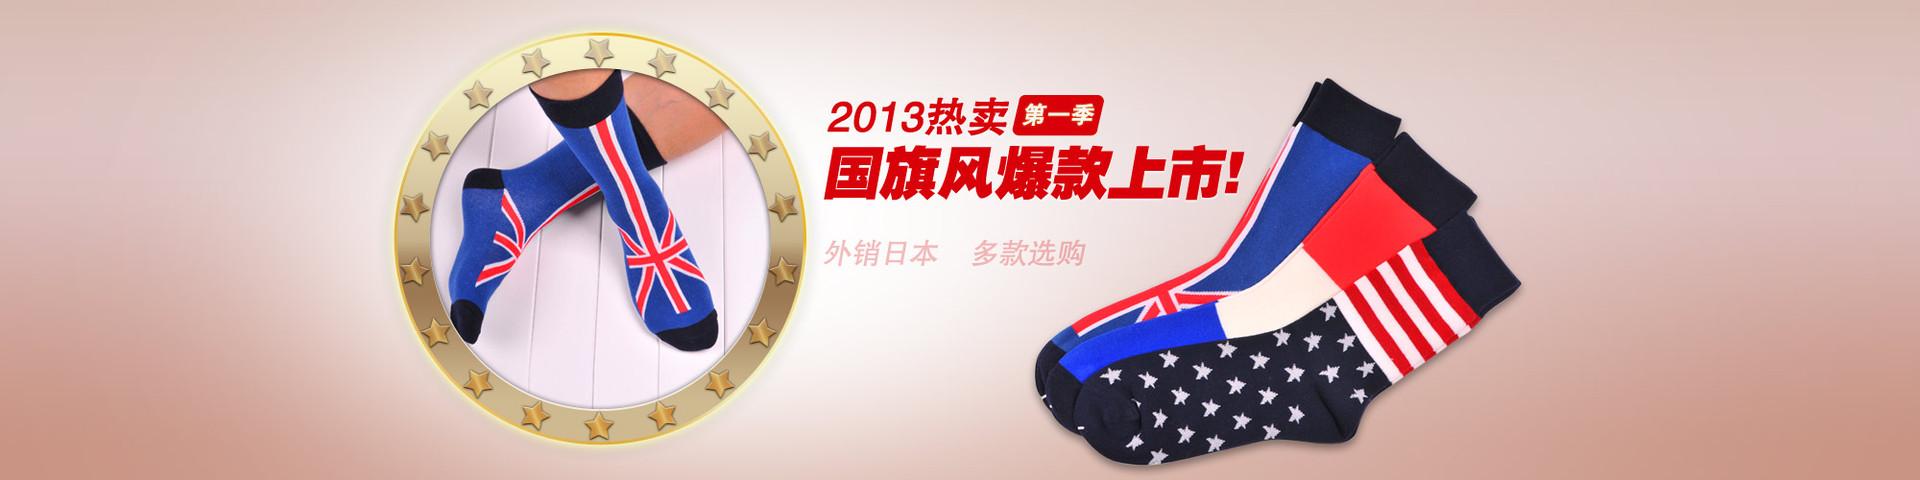 上海懿周国际贸易有限公司